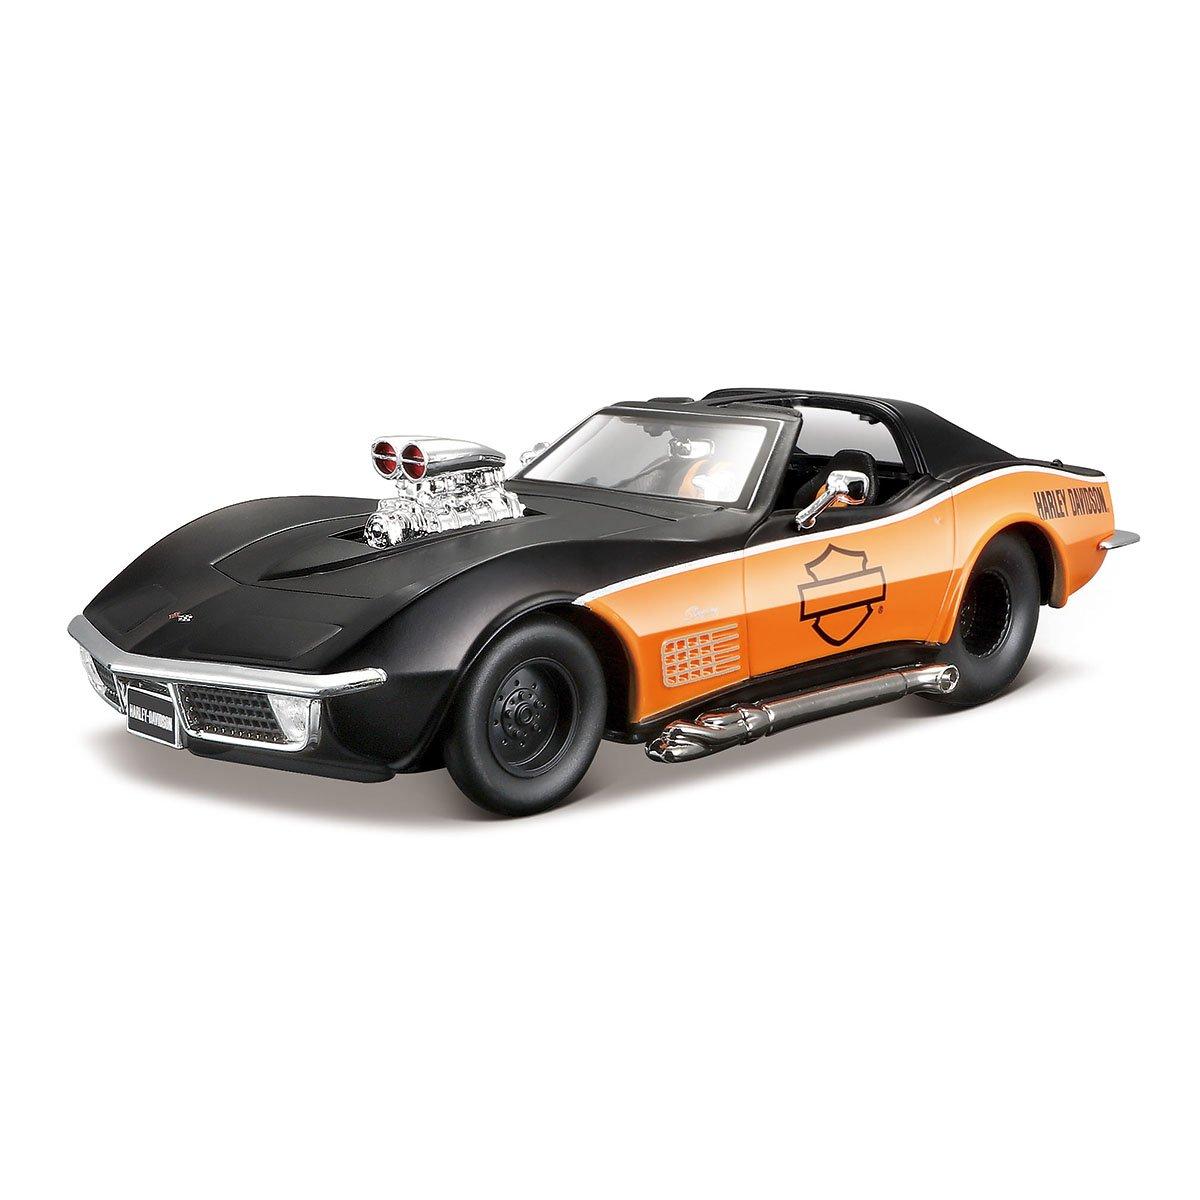 Masinuta Maisto Chevrolet Corvette, 1970, 1:24 Negru